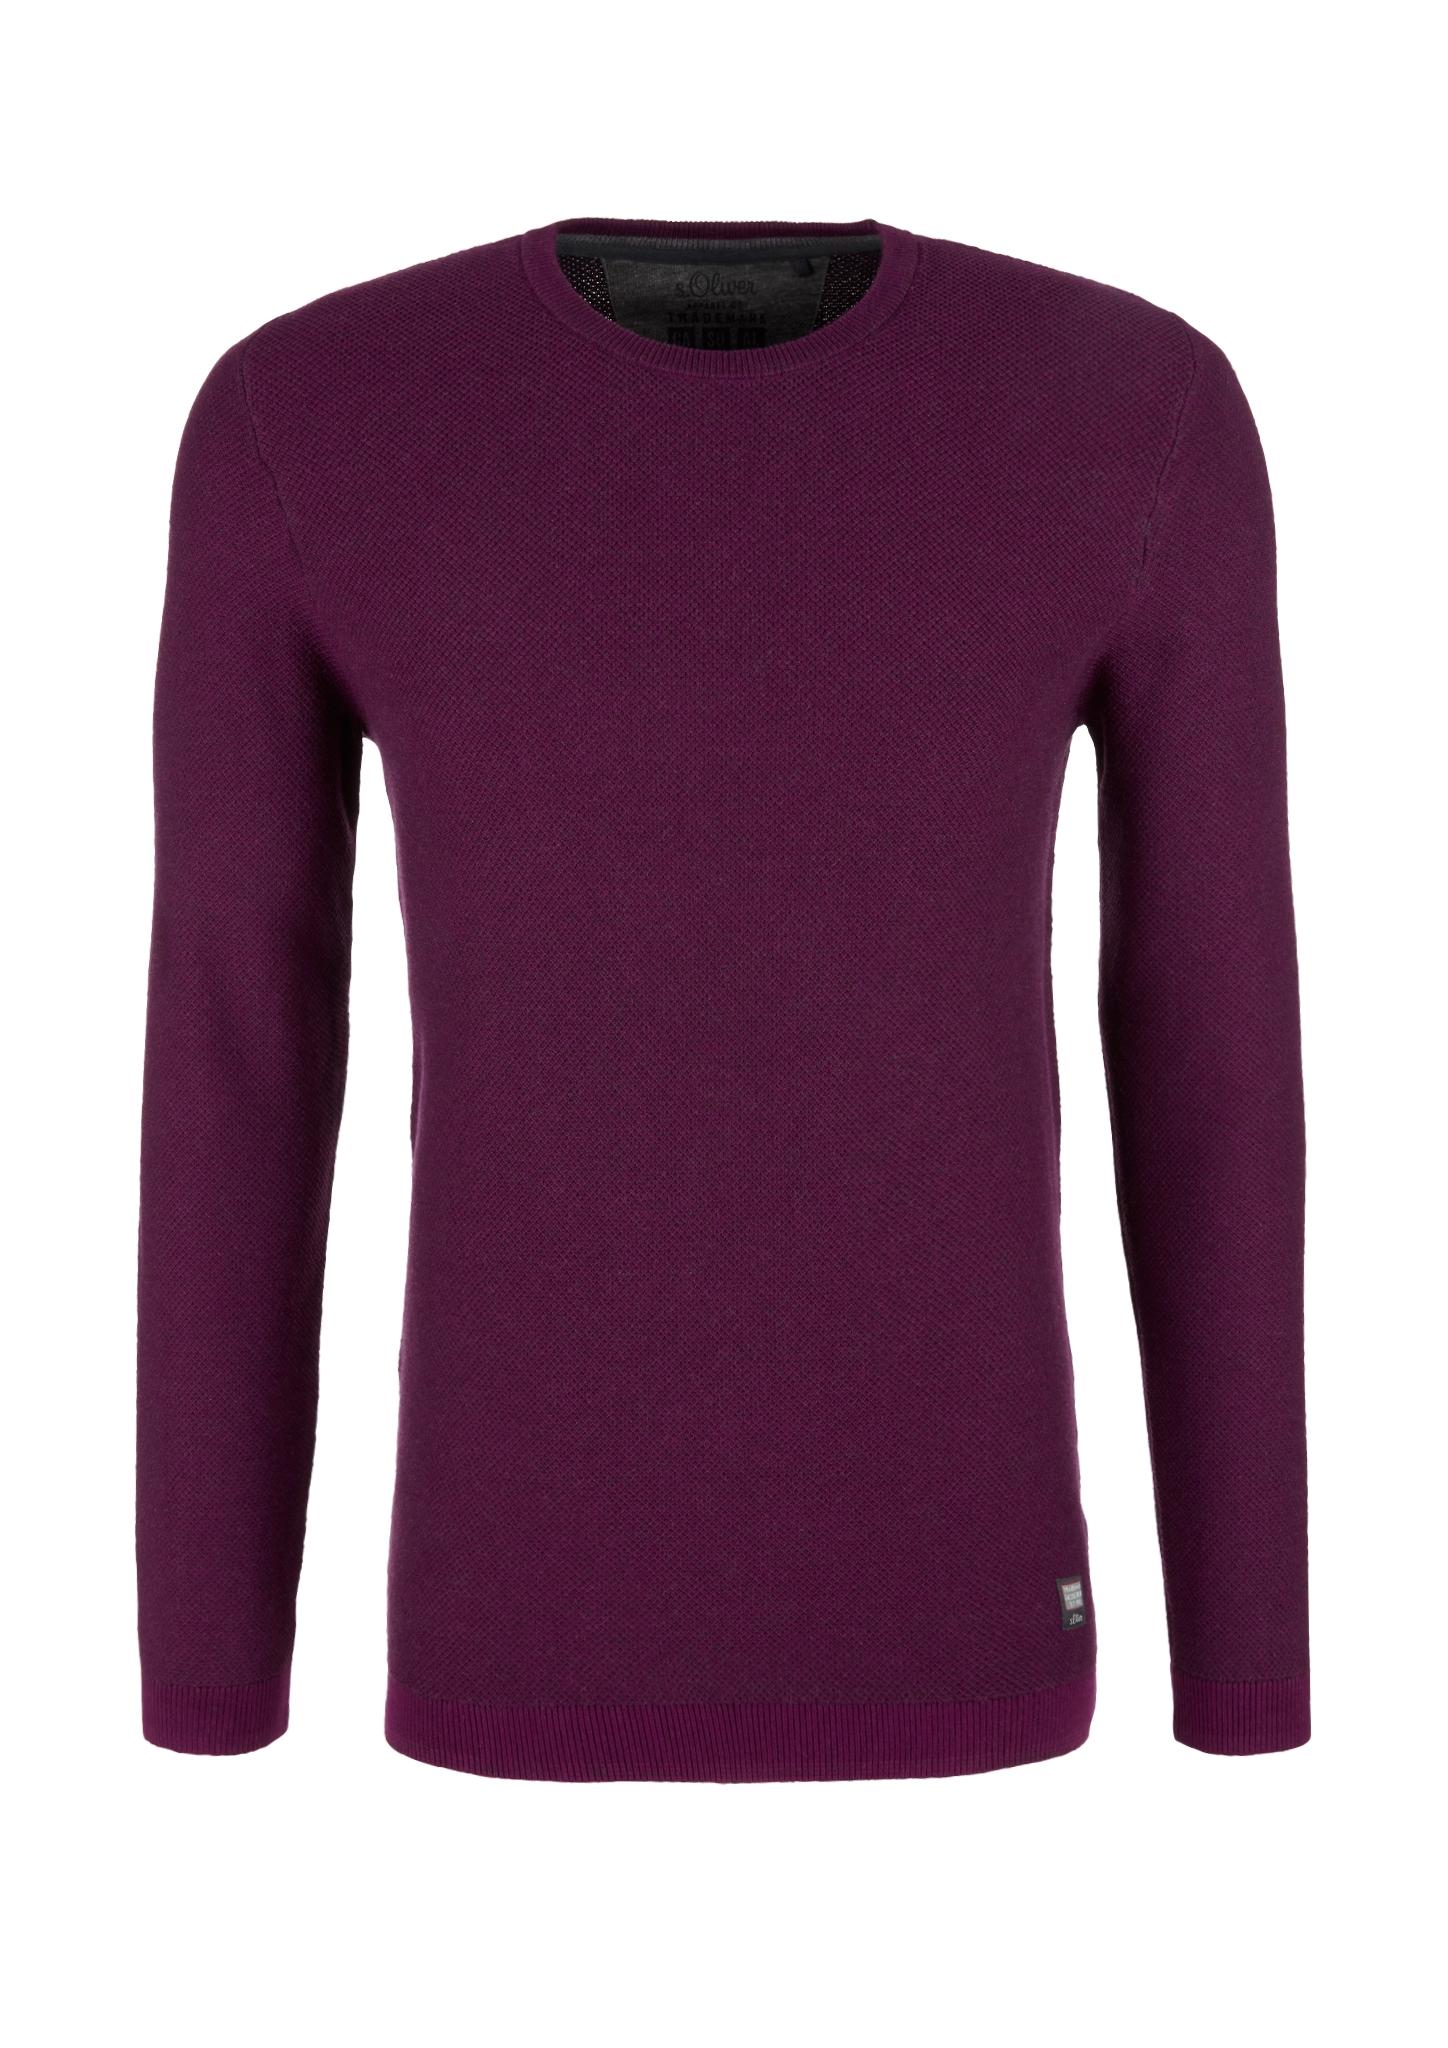 Strickpullover | Bekleidung > Pullover > Sonstige Pullover | Lila | 100% baumwolle | s.Oliver